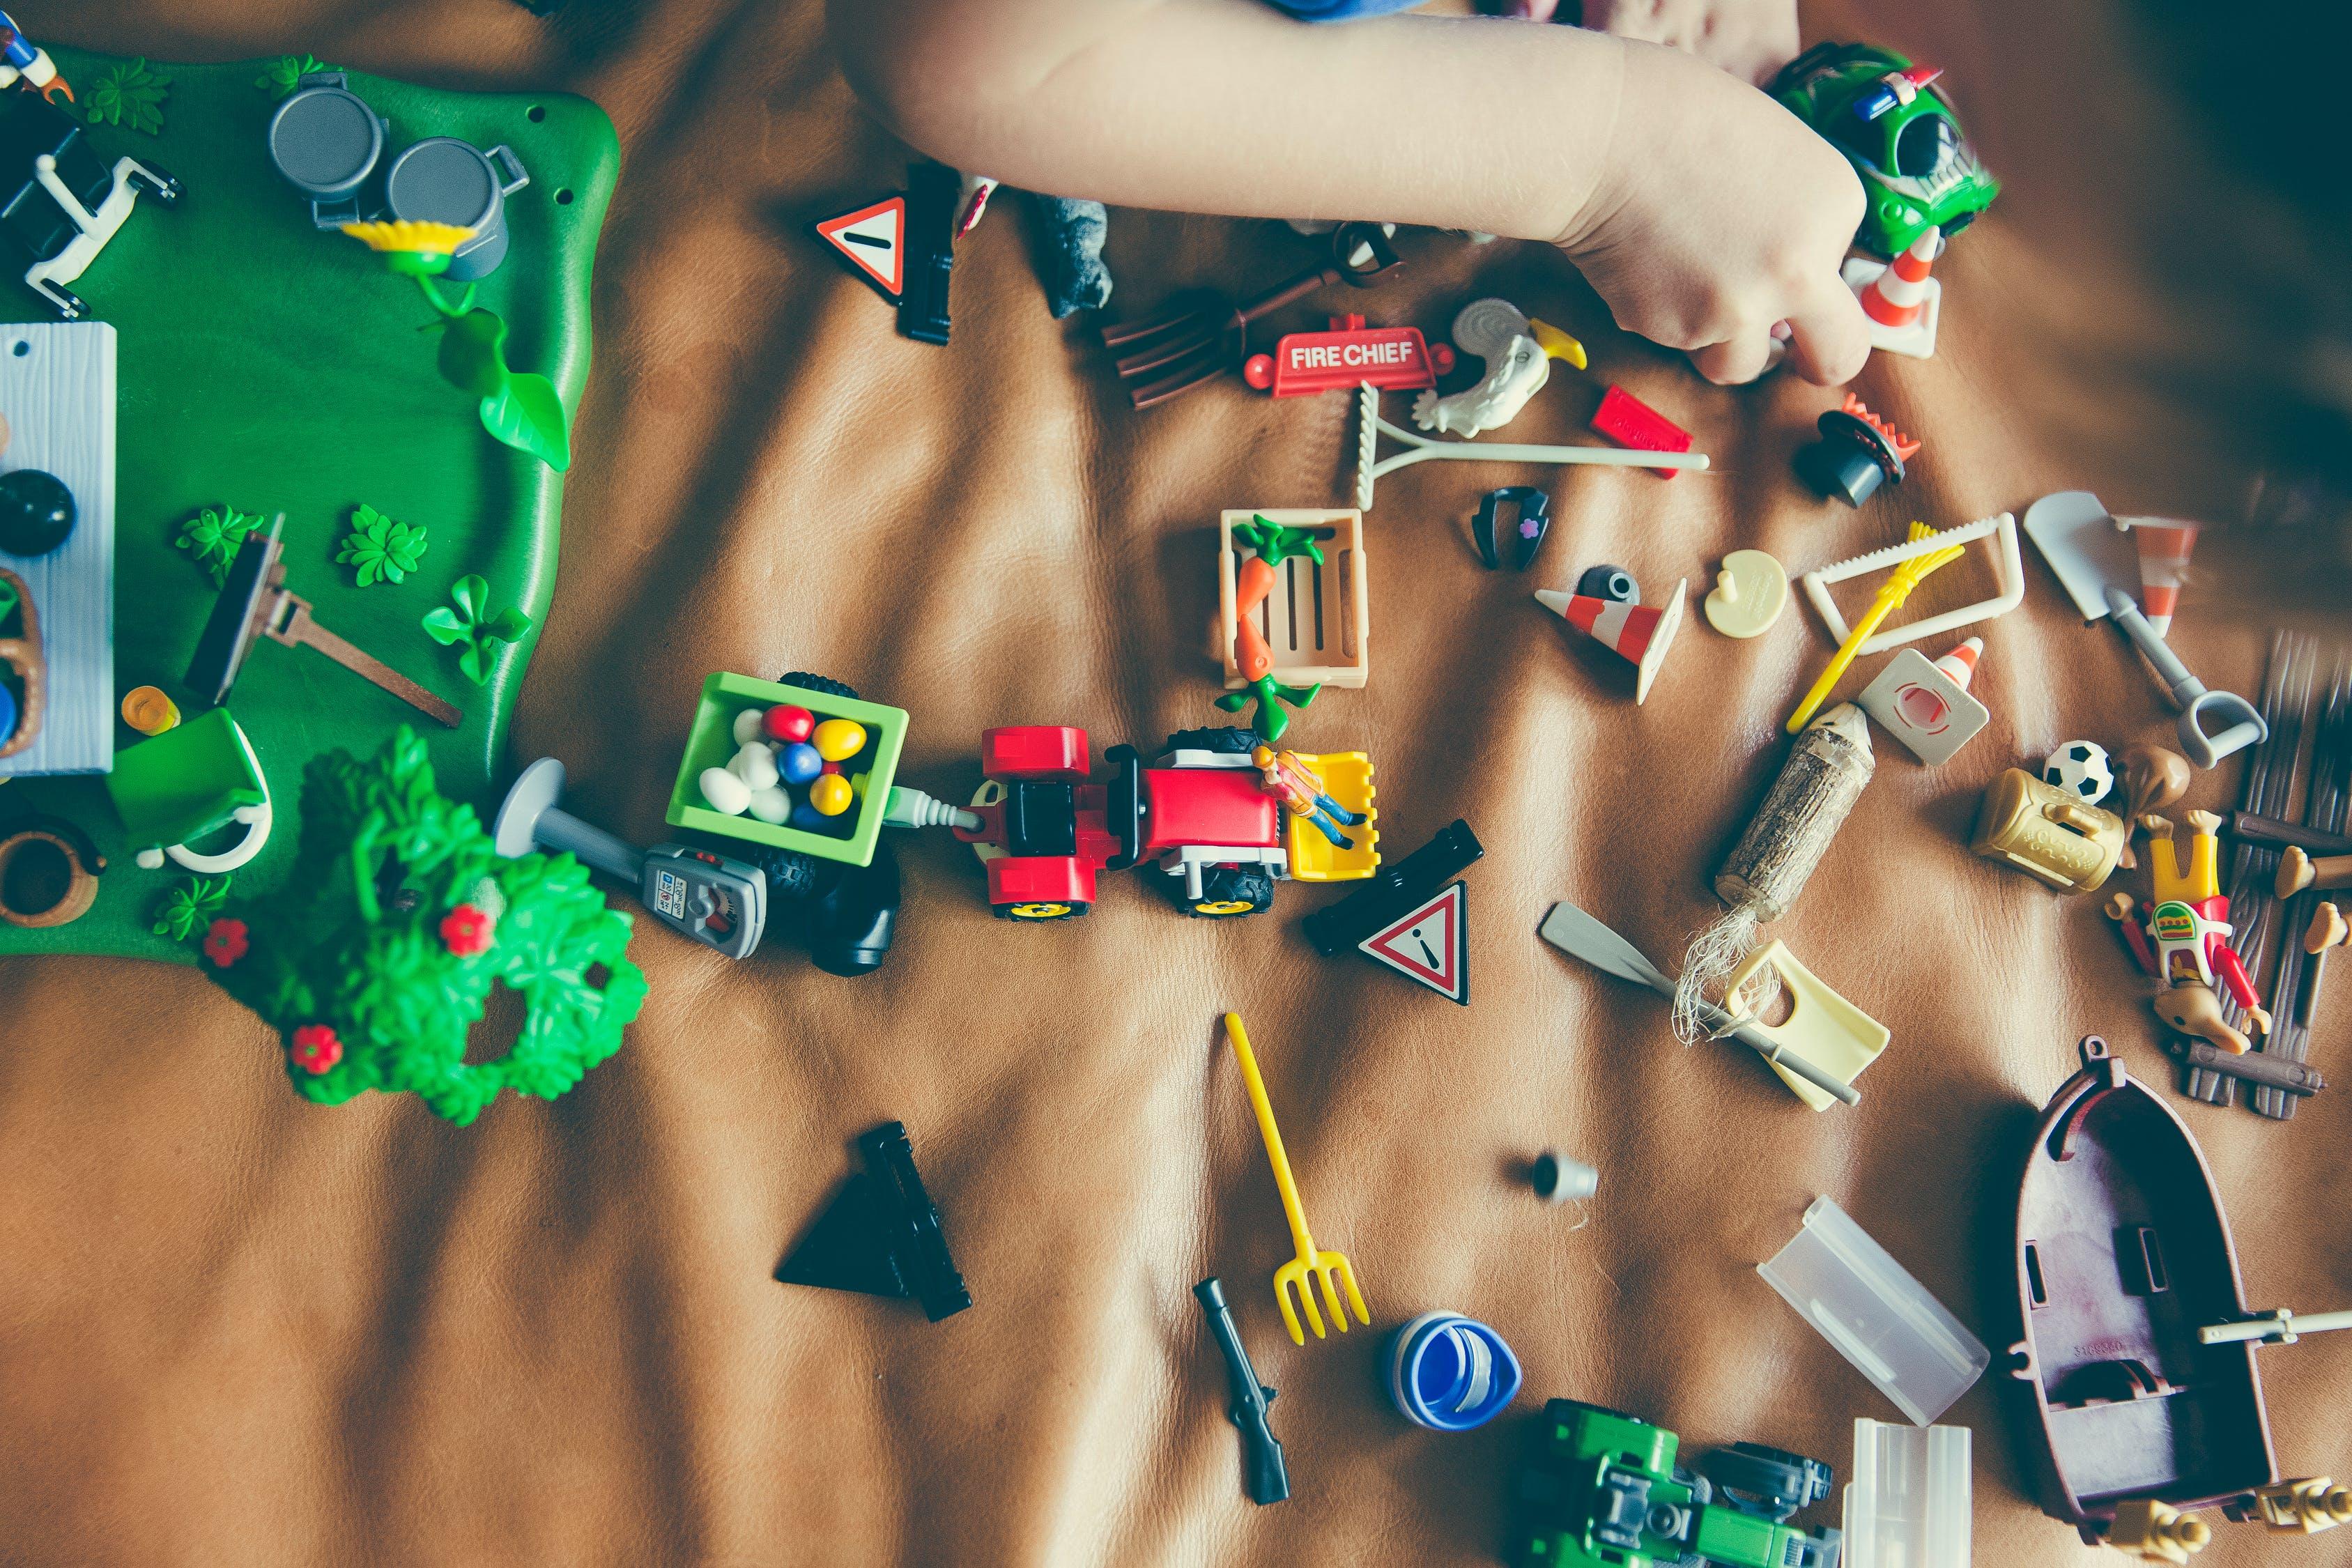 Çocuklar Toyzz Shop'un Lego Çeşitleri ve Binlerce Farklı Ürünü ile Kendi Dünyalarını Şekillendirsin!